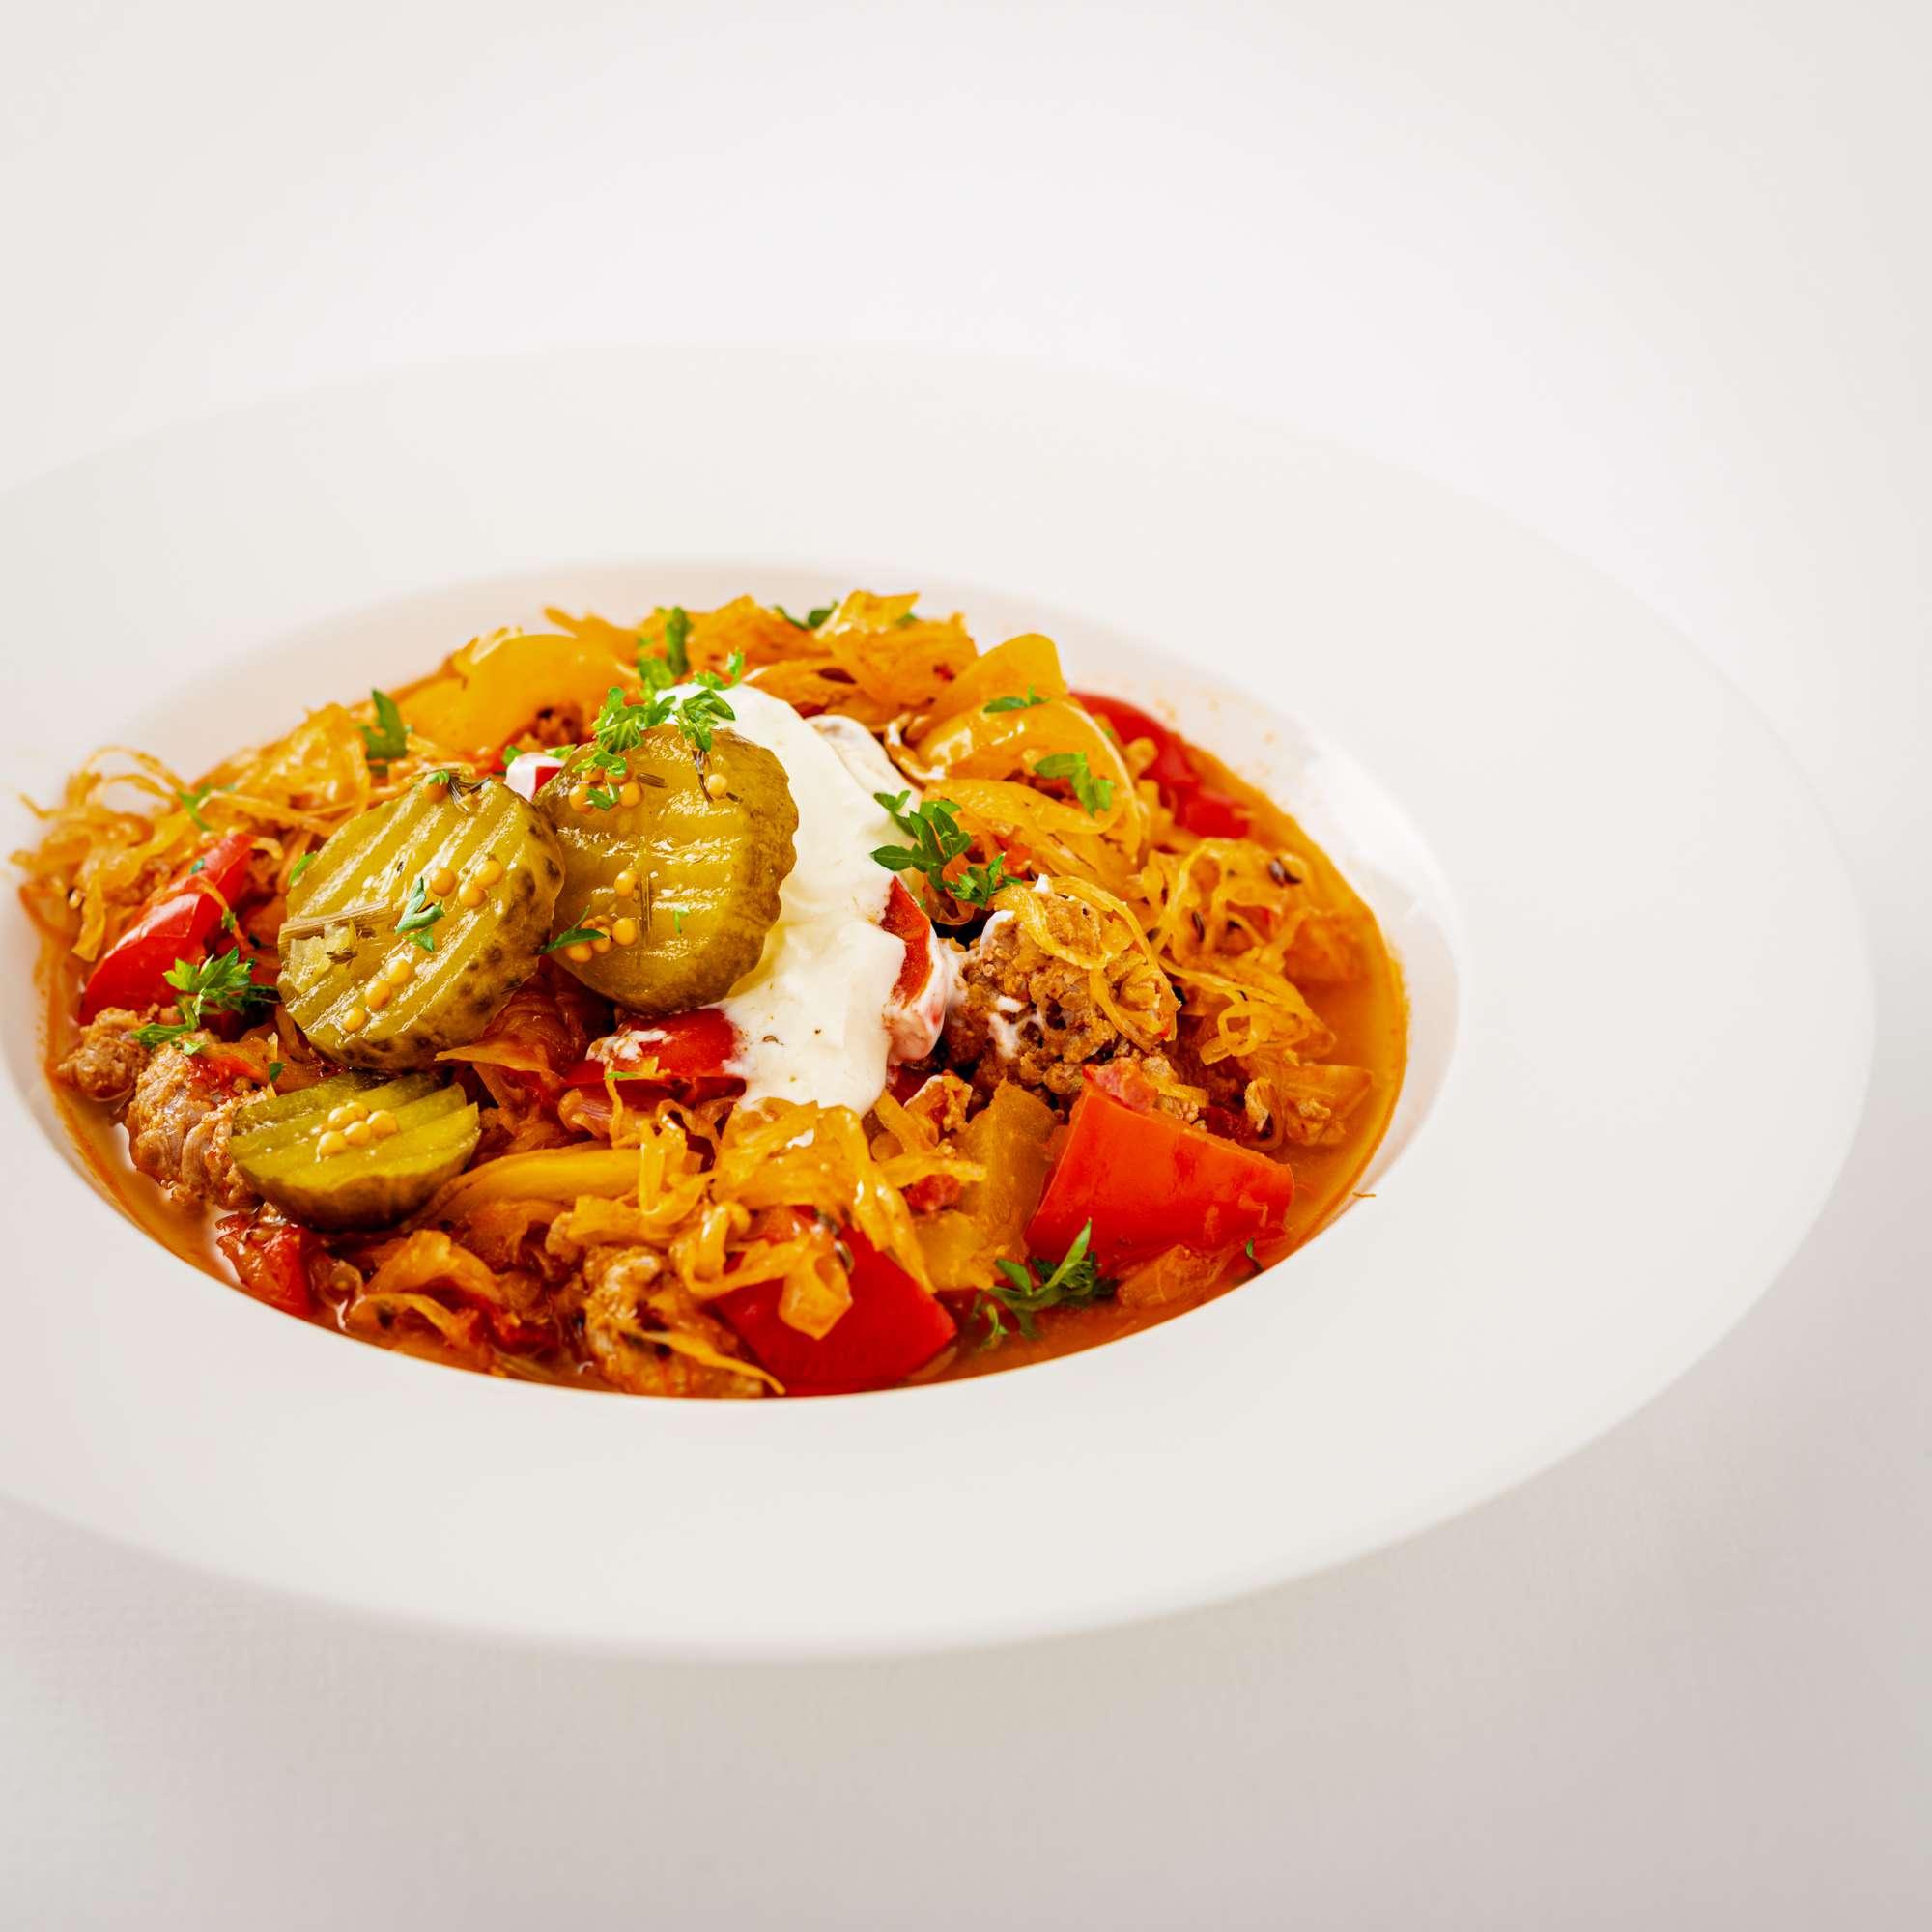 PaprikaTopf mit Sauerkraut und Salsiccia